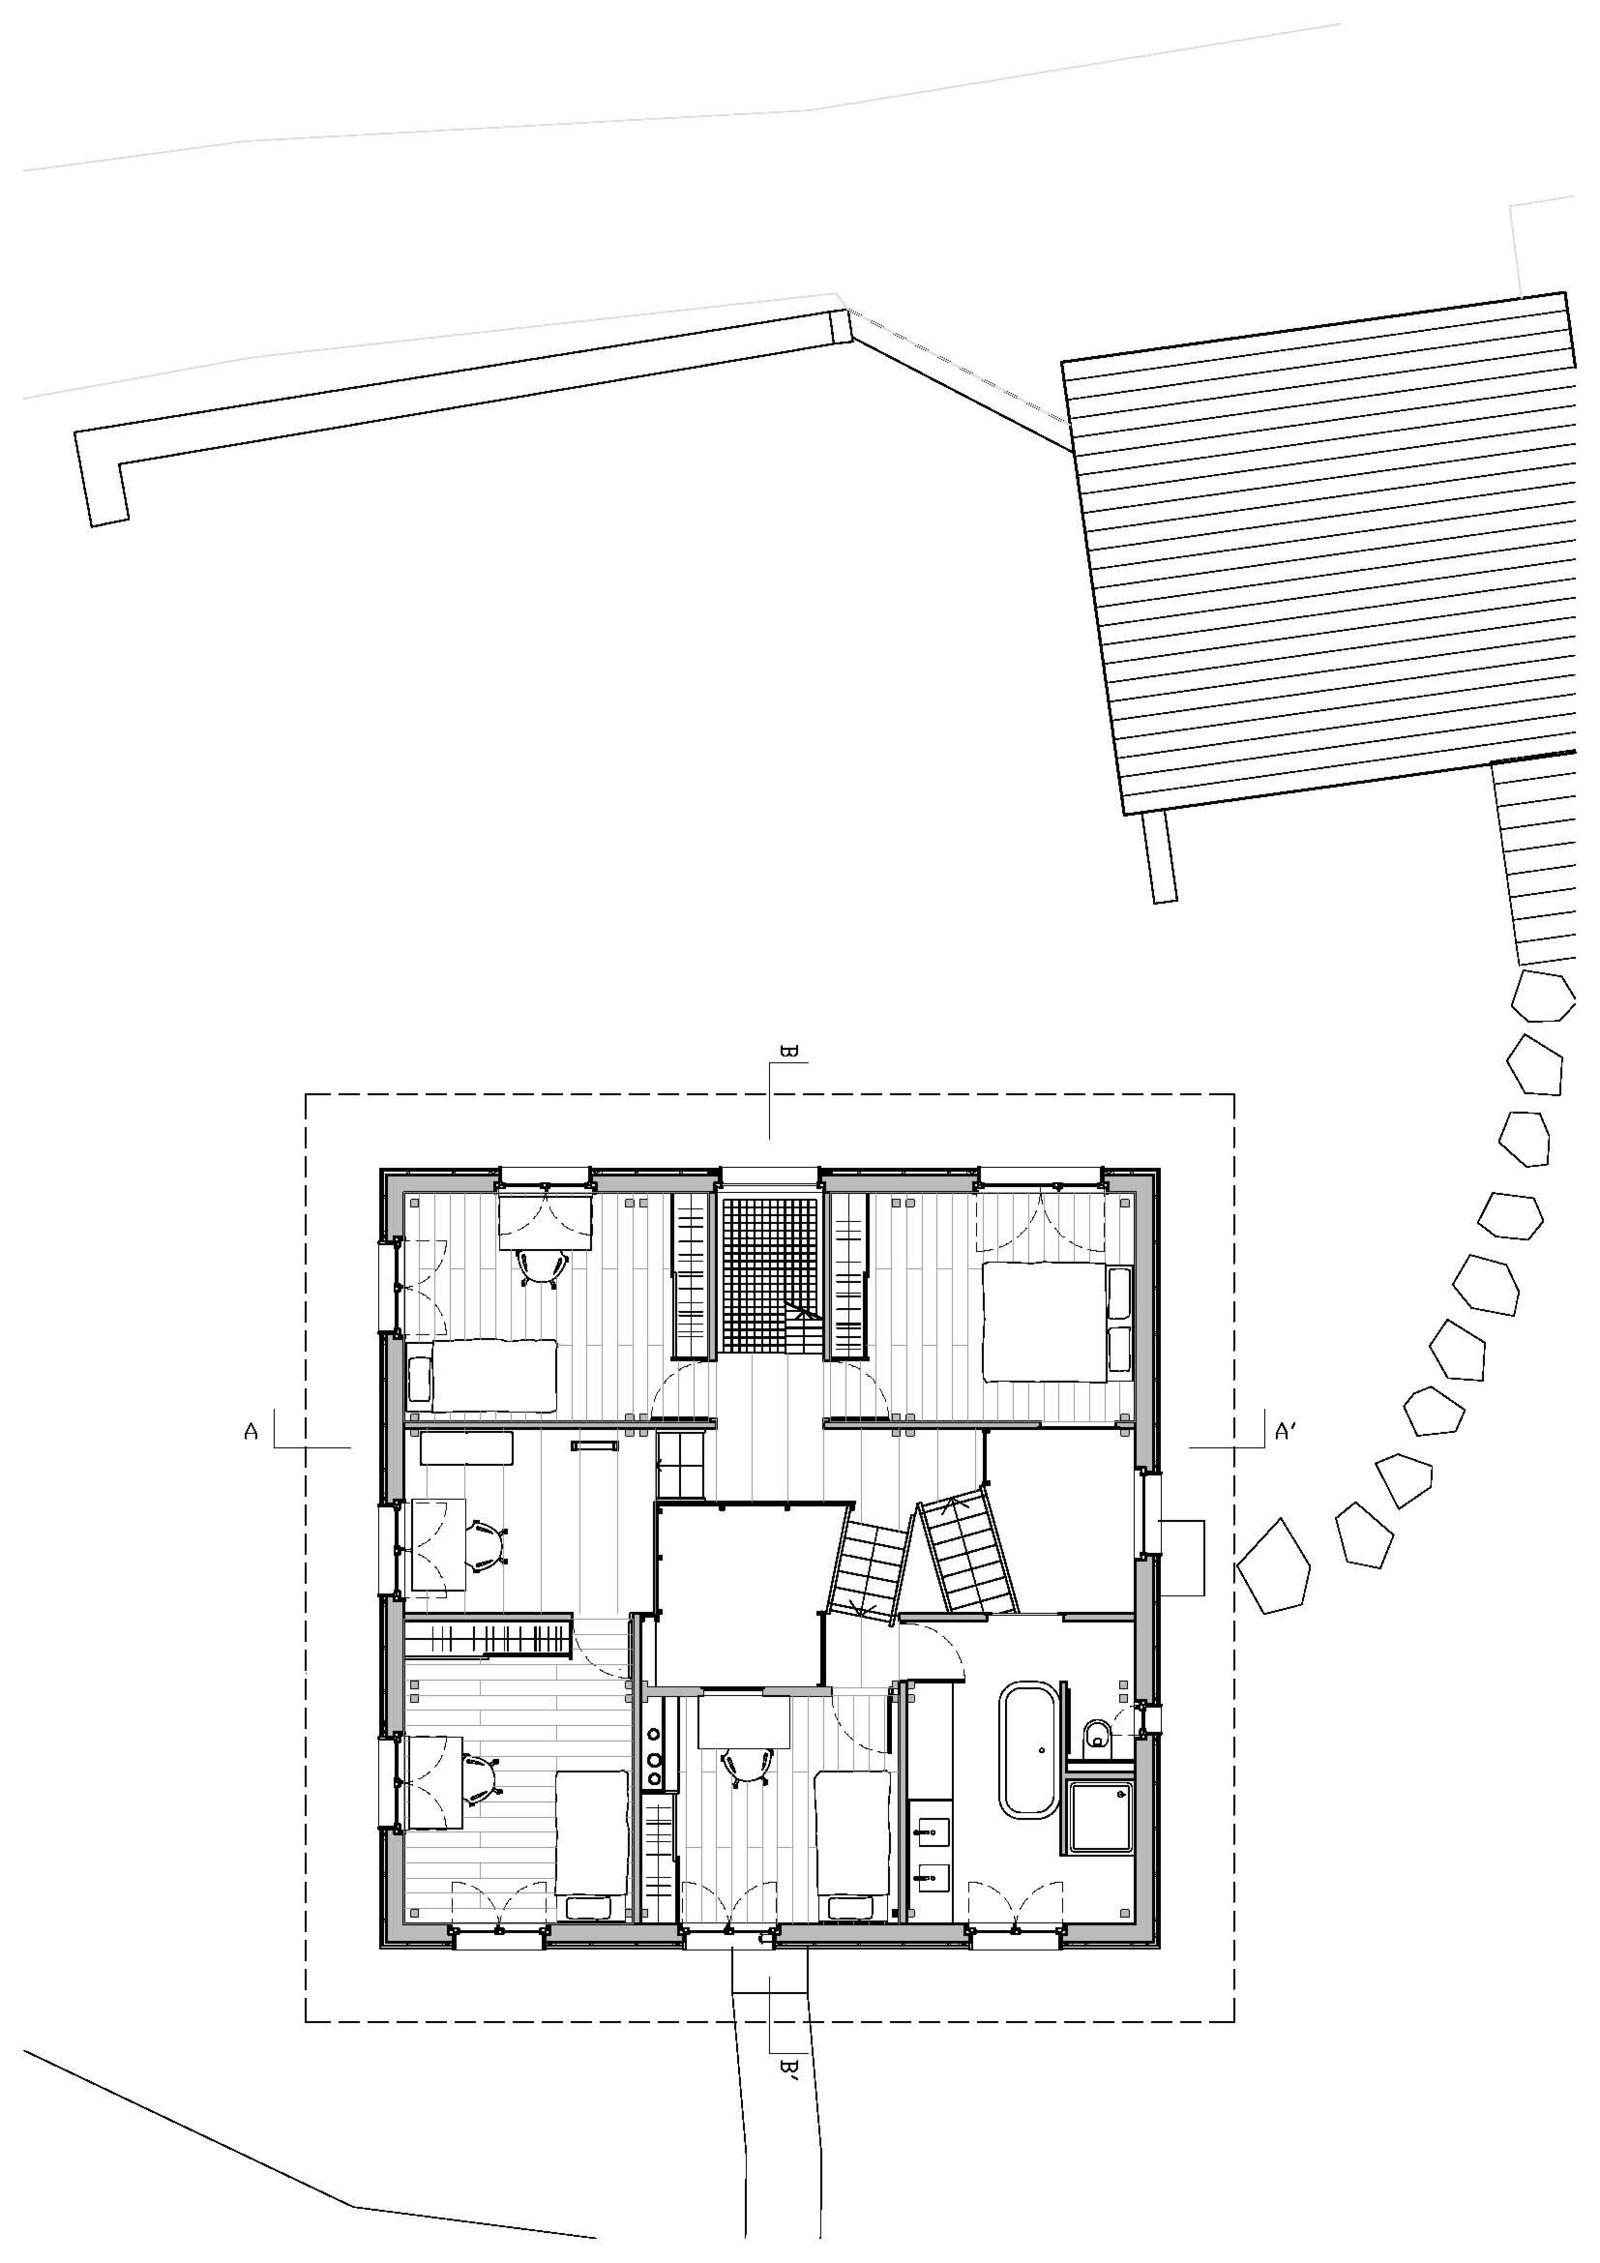 cottage-r-just3ds.com-17